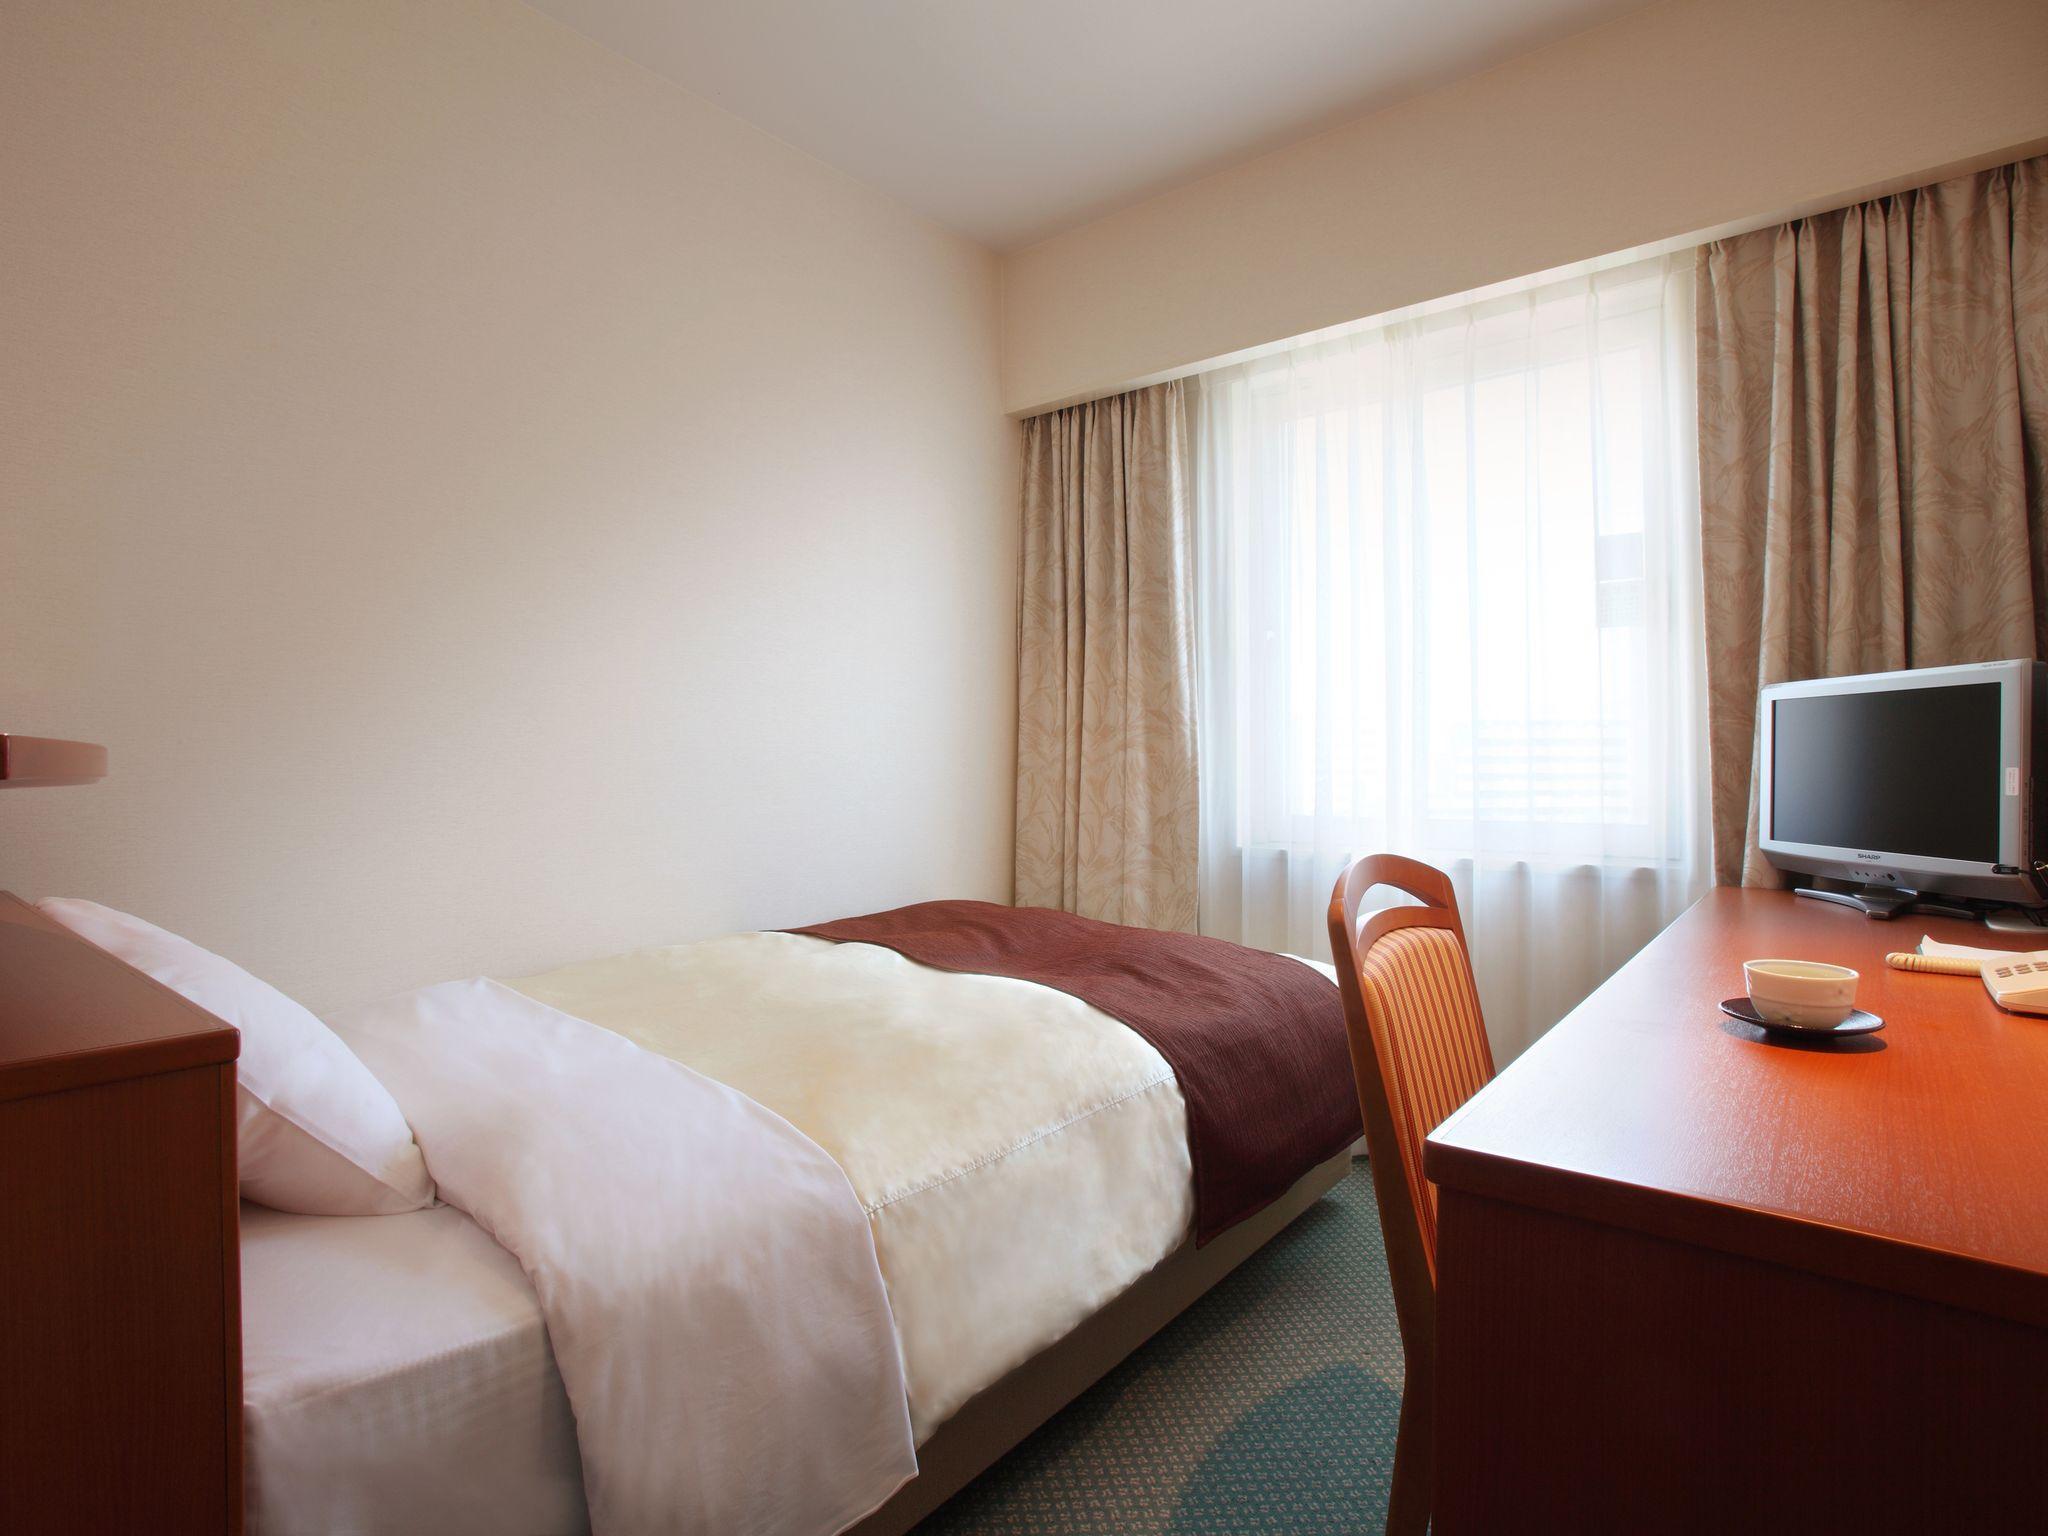 Hotel Pearl City Morioka